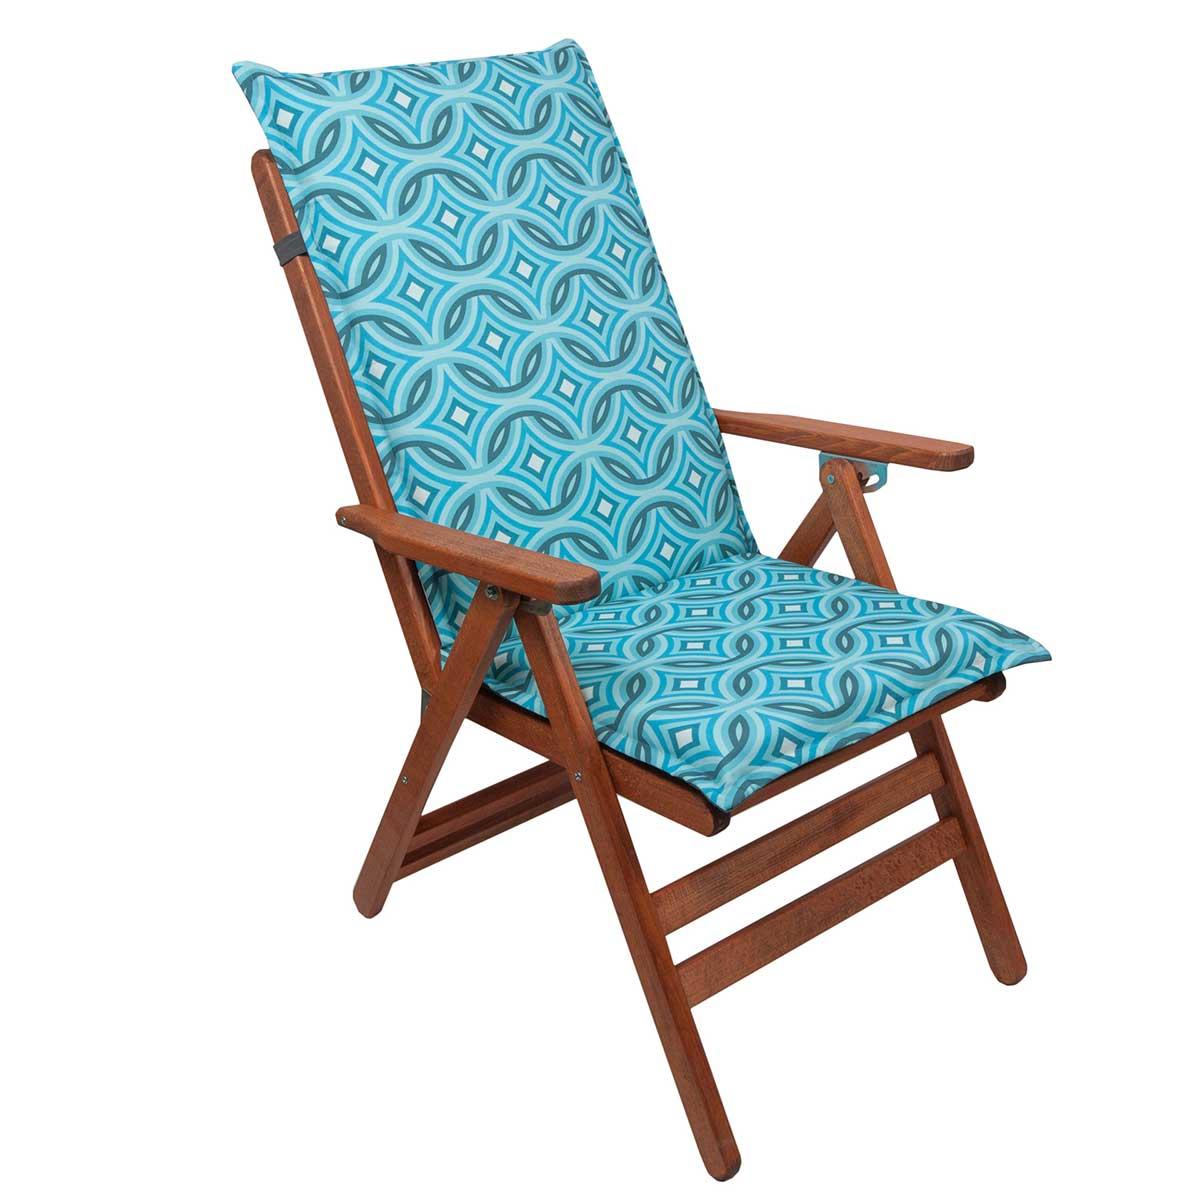 Μαξιλάρι Καρέκλας 2 Όψεων Με Πλάτη 70cm Be Comfy Cruzar